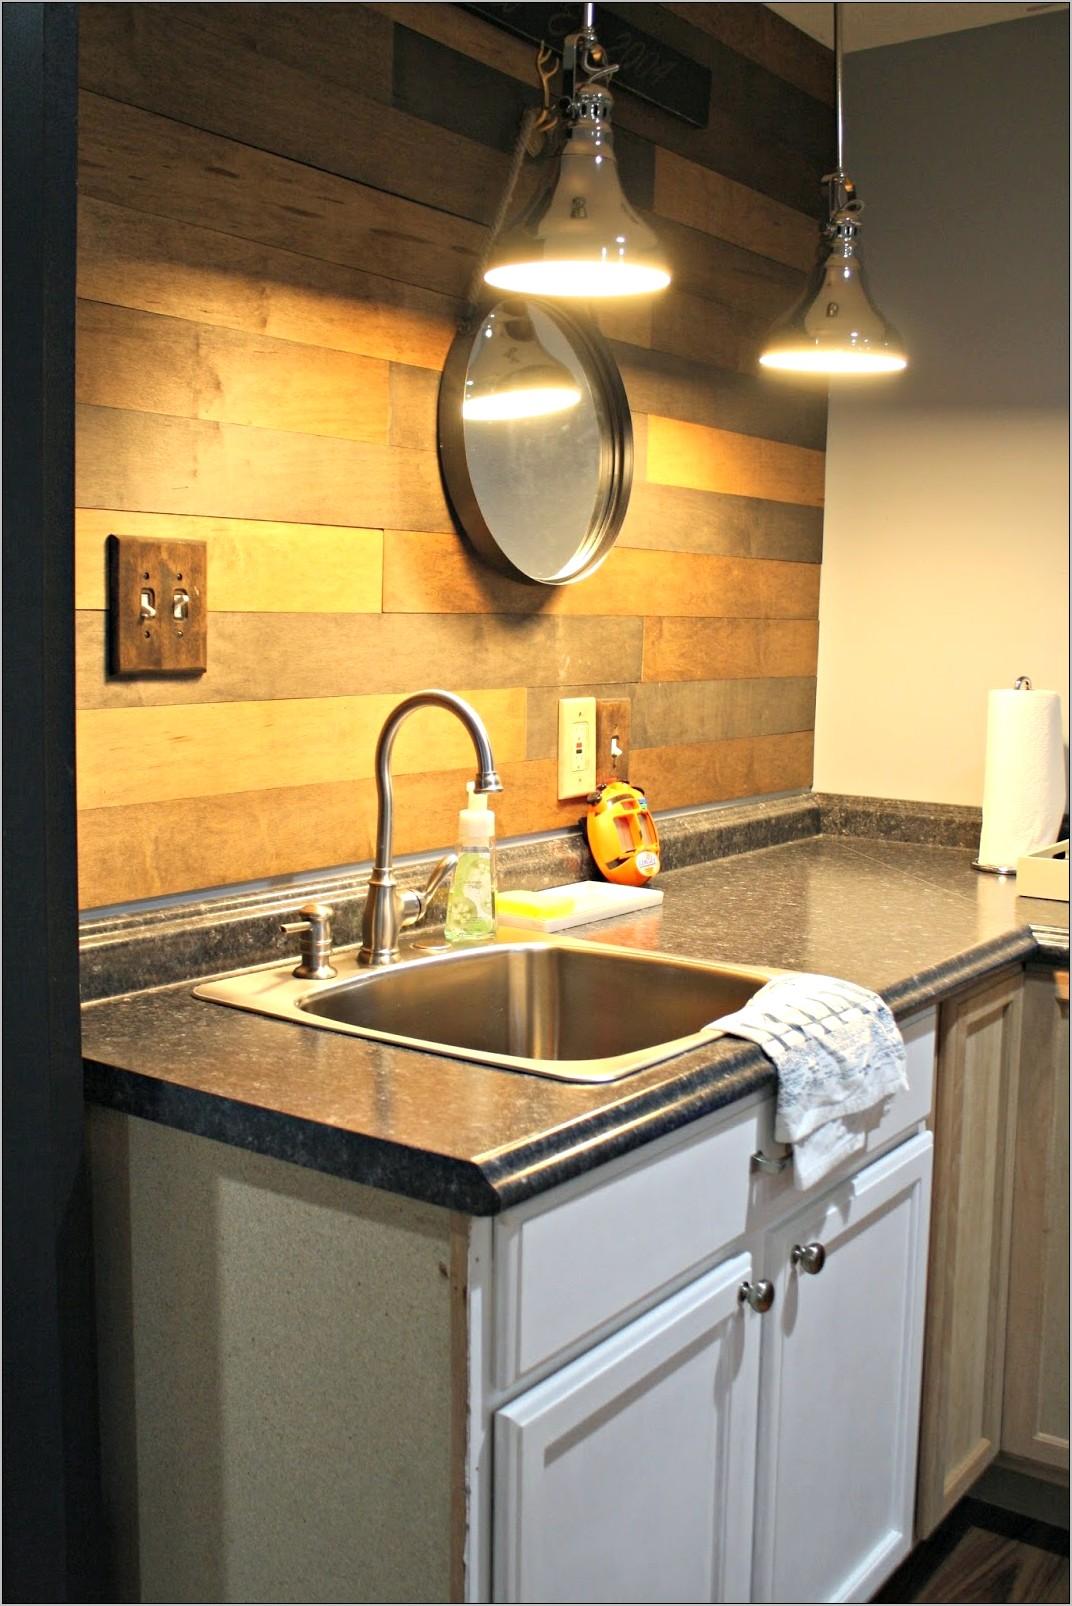 Thrifty Chic Decor Basement Kitchen